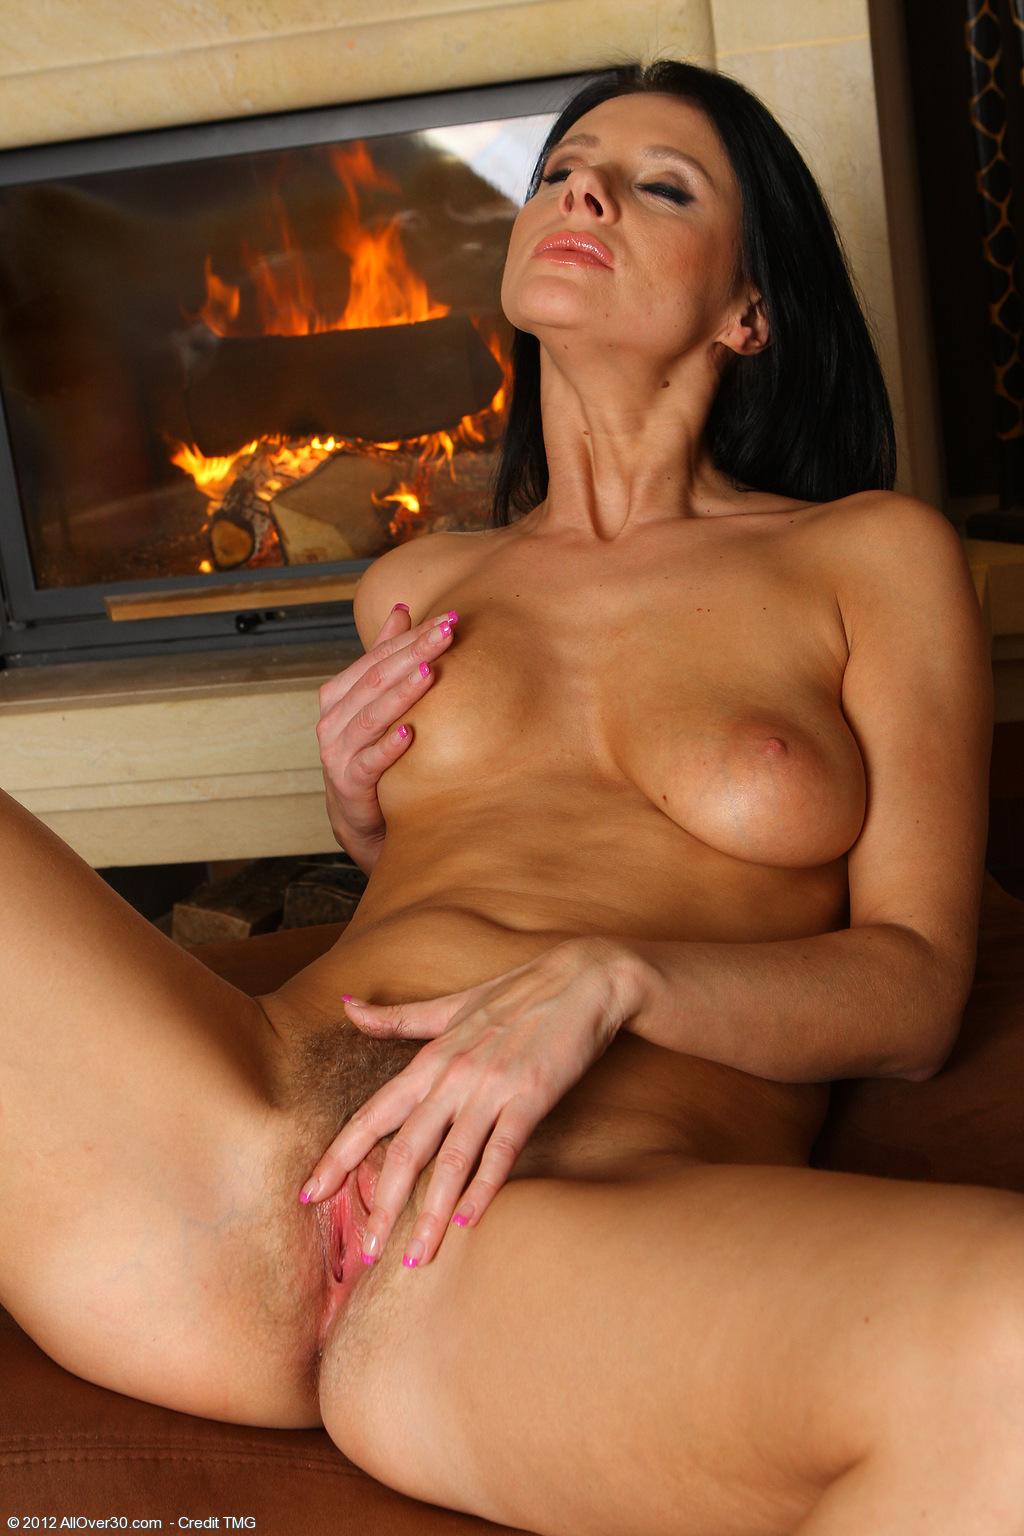 raven-haired-brunette-babe-jana-krabcova-wearing-white-lingerie-12.jpg